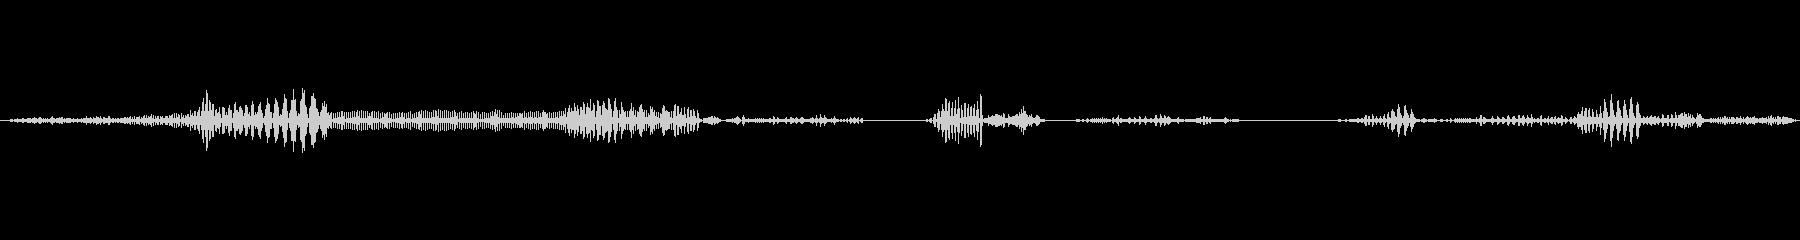 森 日鳥昆虫クリケット02の未再生の波形